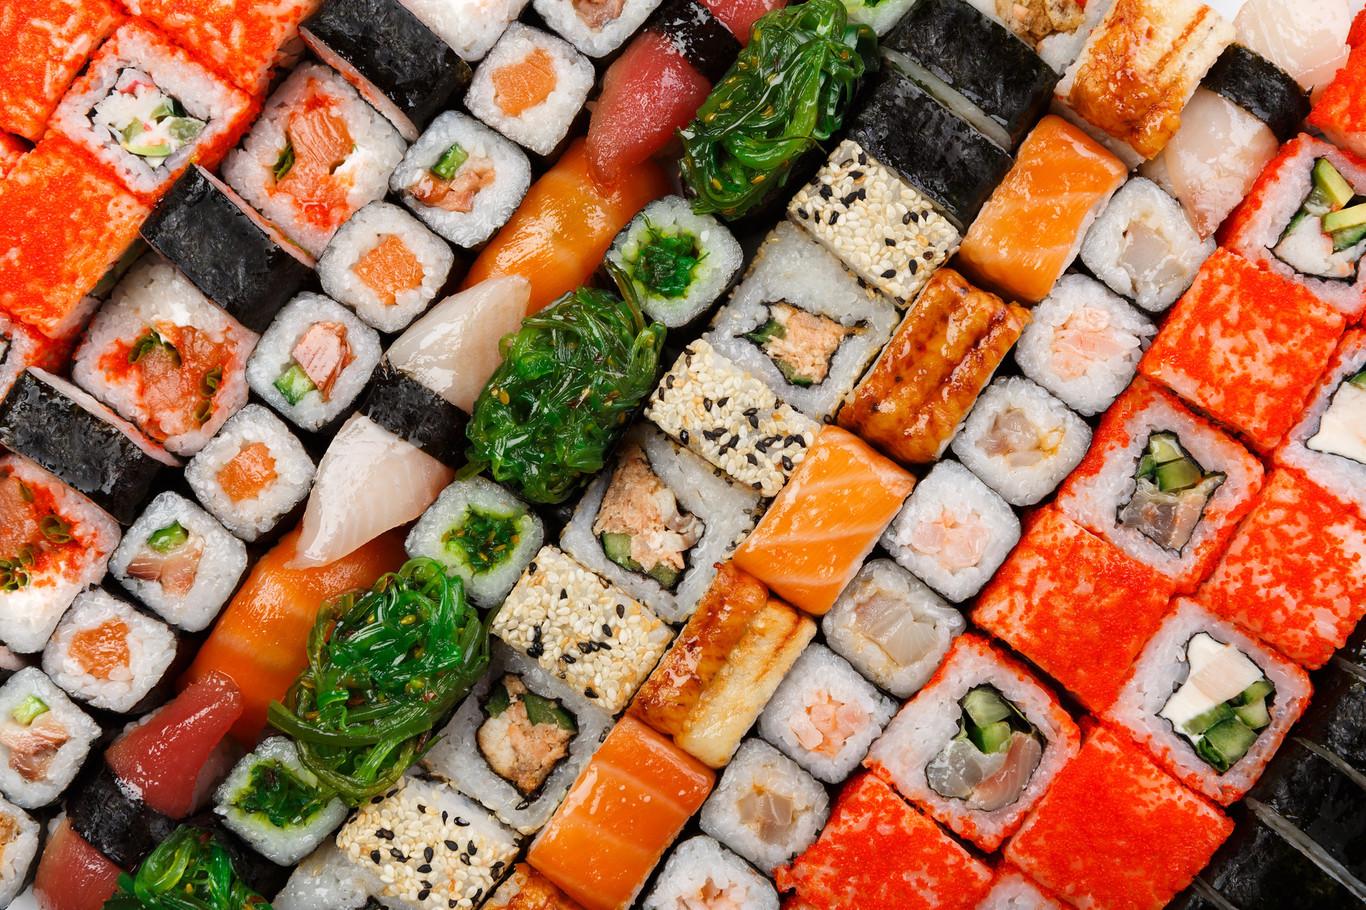 mejores herramientas para hacer sushi